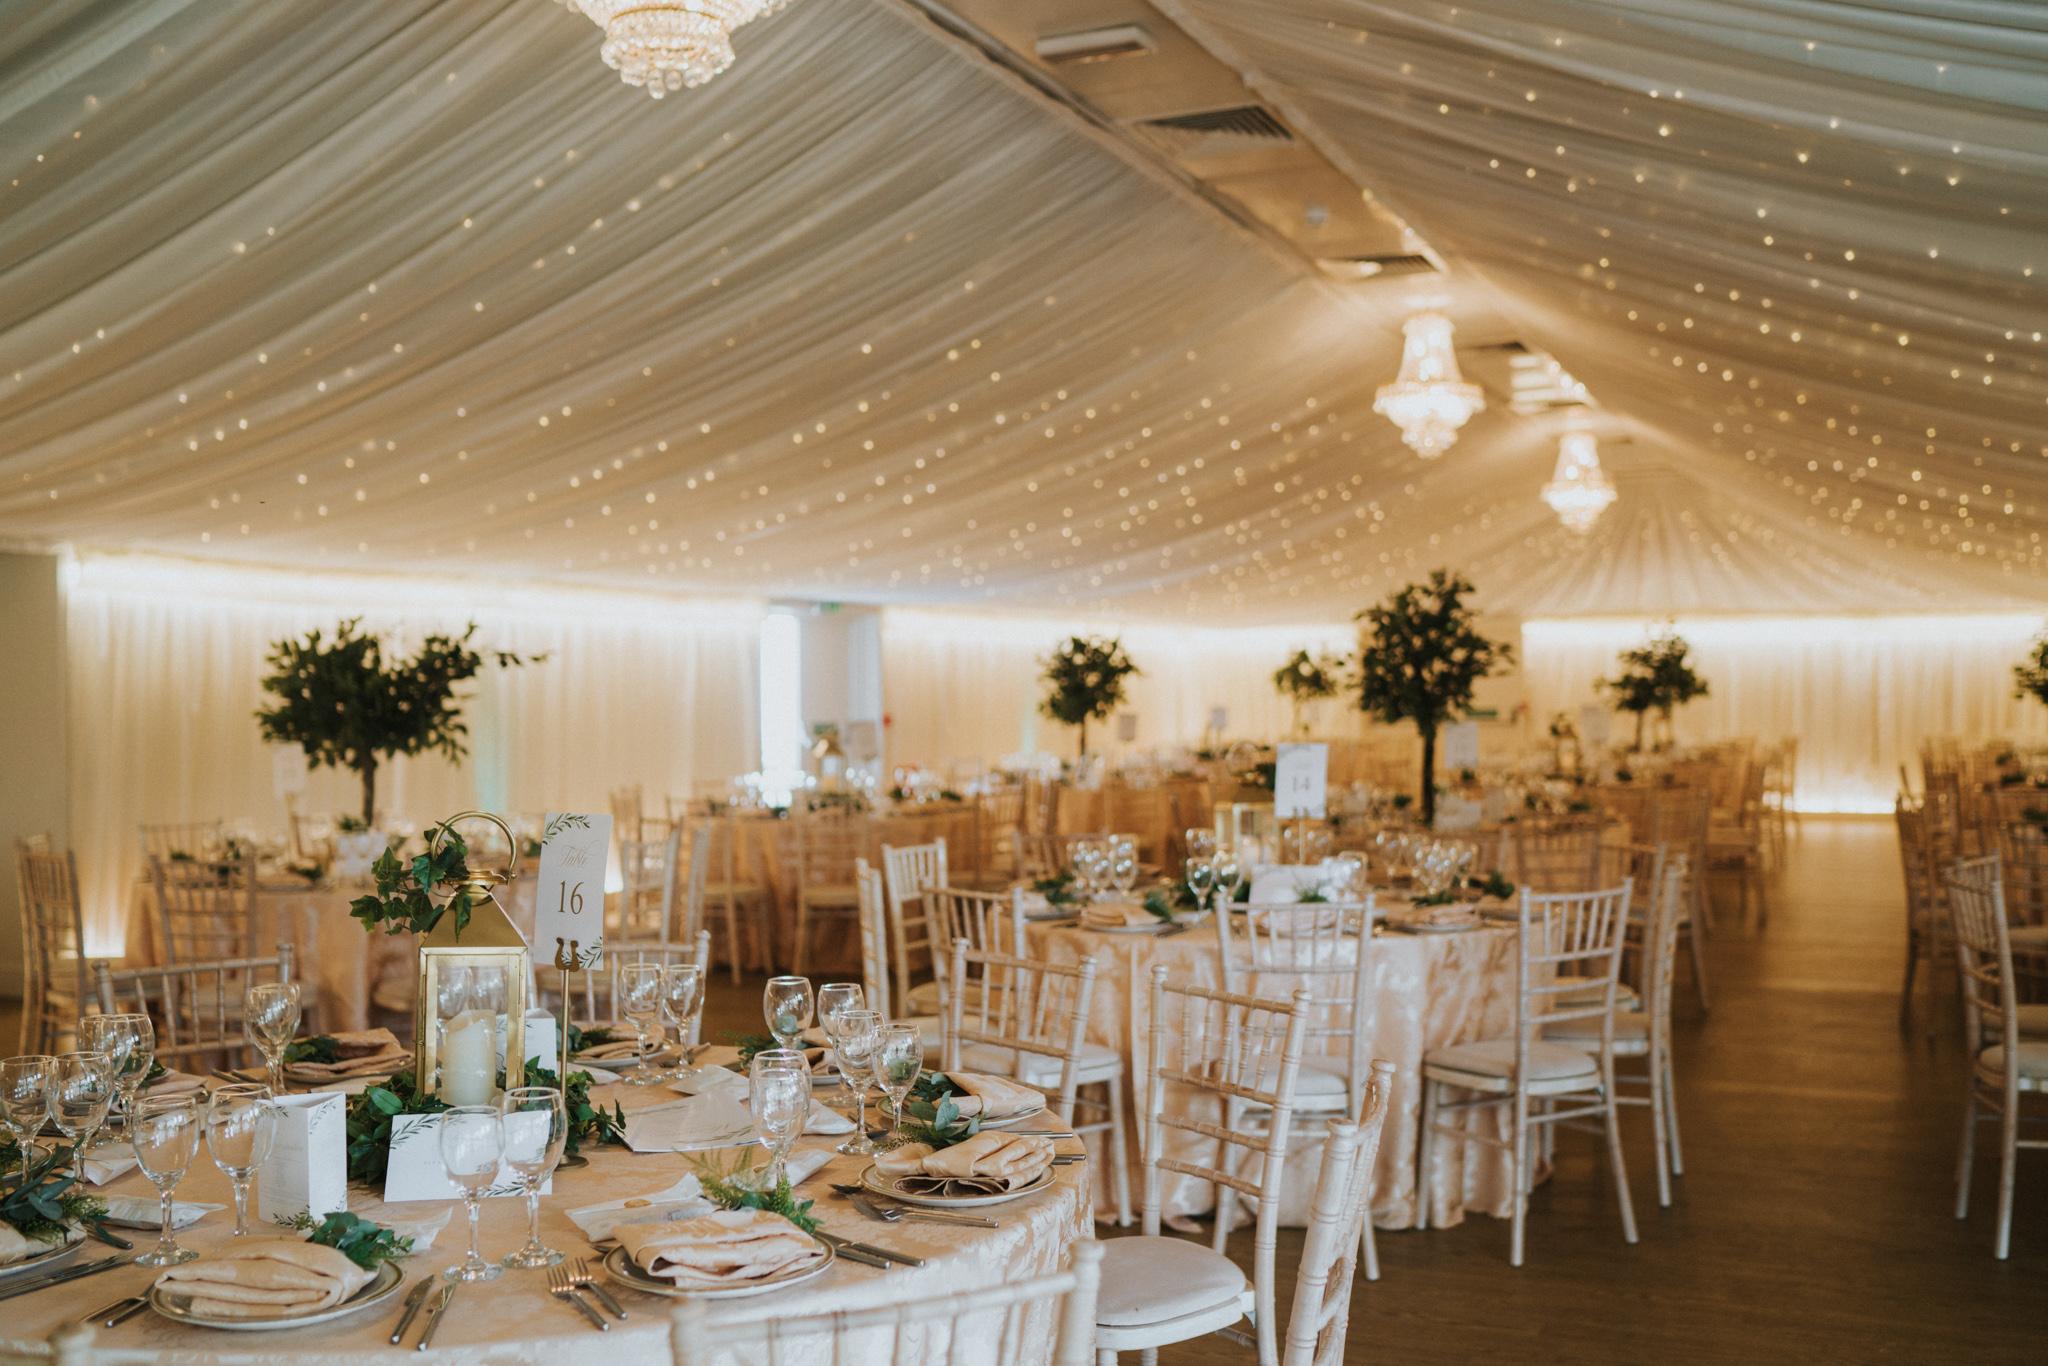 lizzie-faz-fennes-asian-fusion-wedding-grace-elizabeth-colchester-essex-alternative-wedding-lifestyle-photographer-essex-suffolk-norfolk-devon (40 of 55).jpg